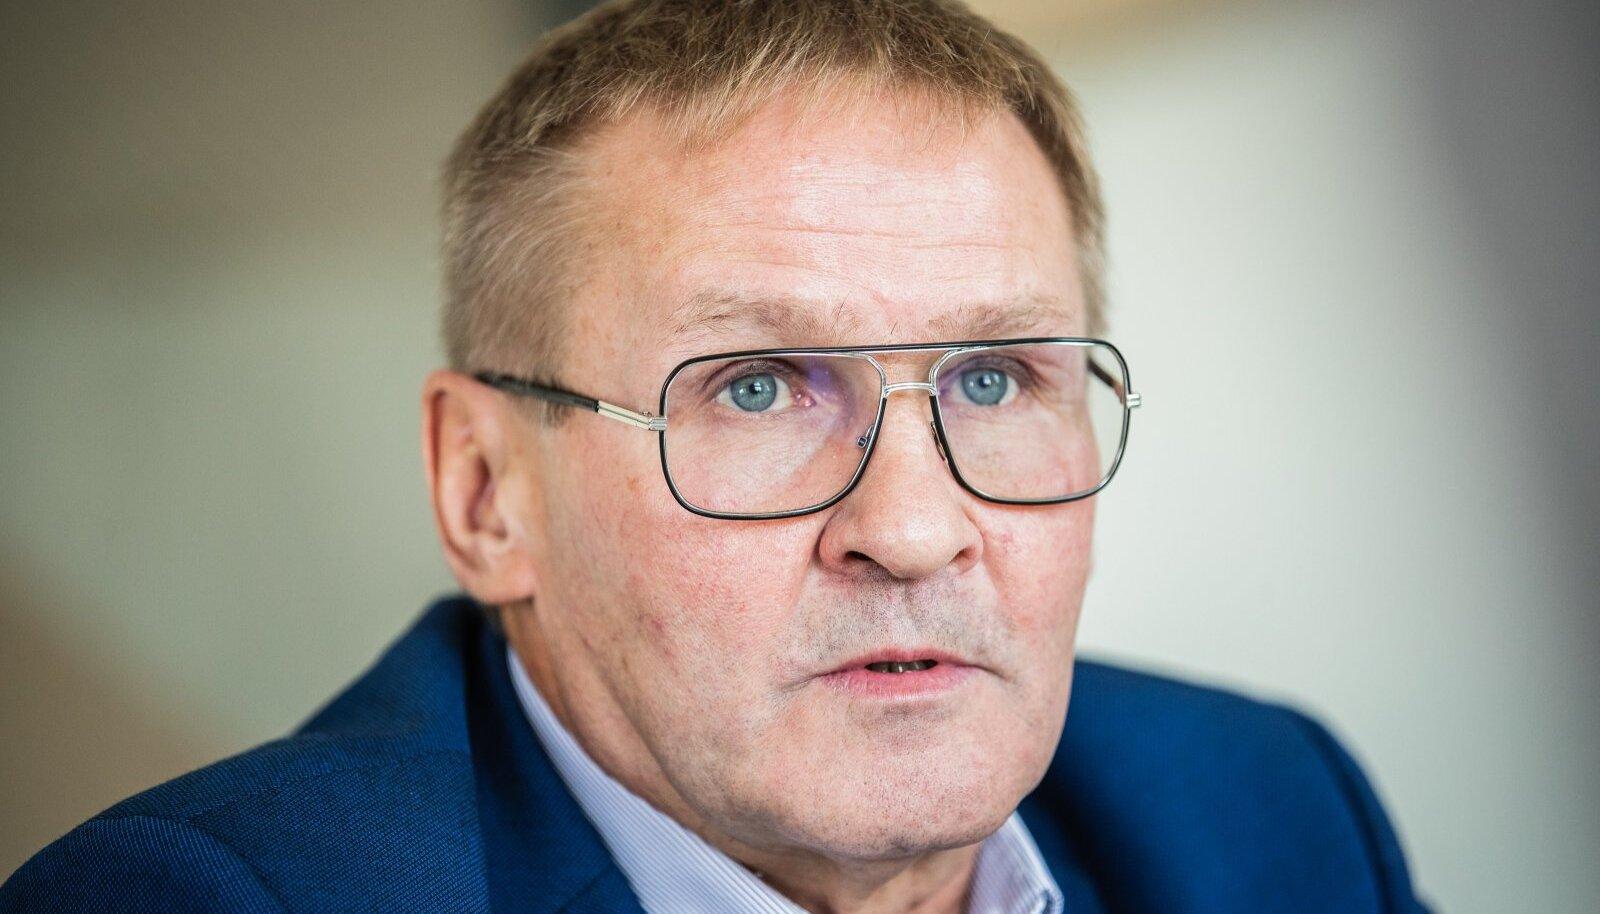 VALITSUSES PEAB VALITSEMA TASAKAAL! Vasakult Jaak Aab, Raivo Aeg ja Alar Laneman – nüüd on igal parteil oma ekskommunistist minister.